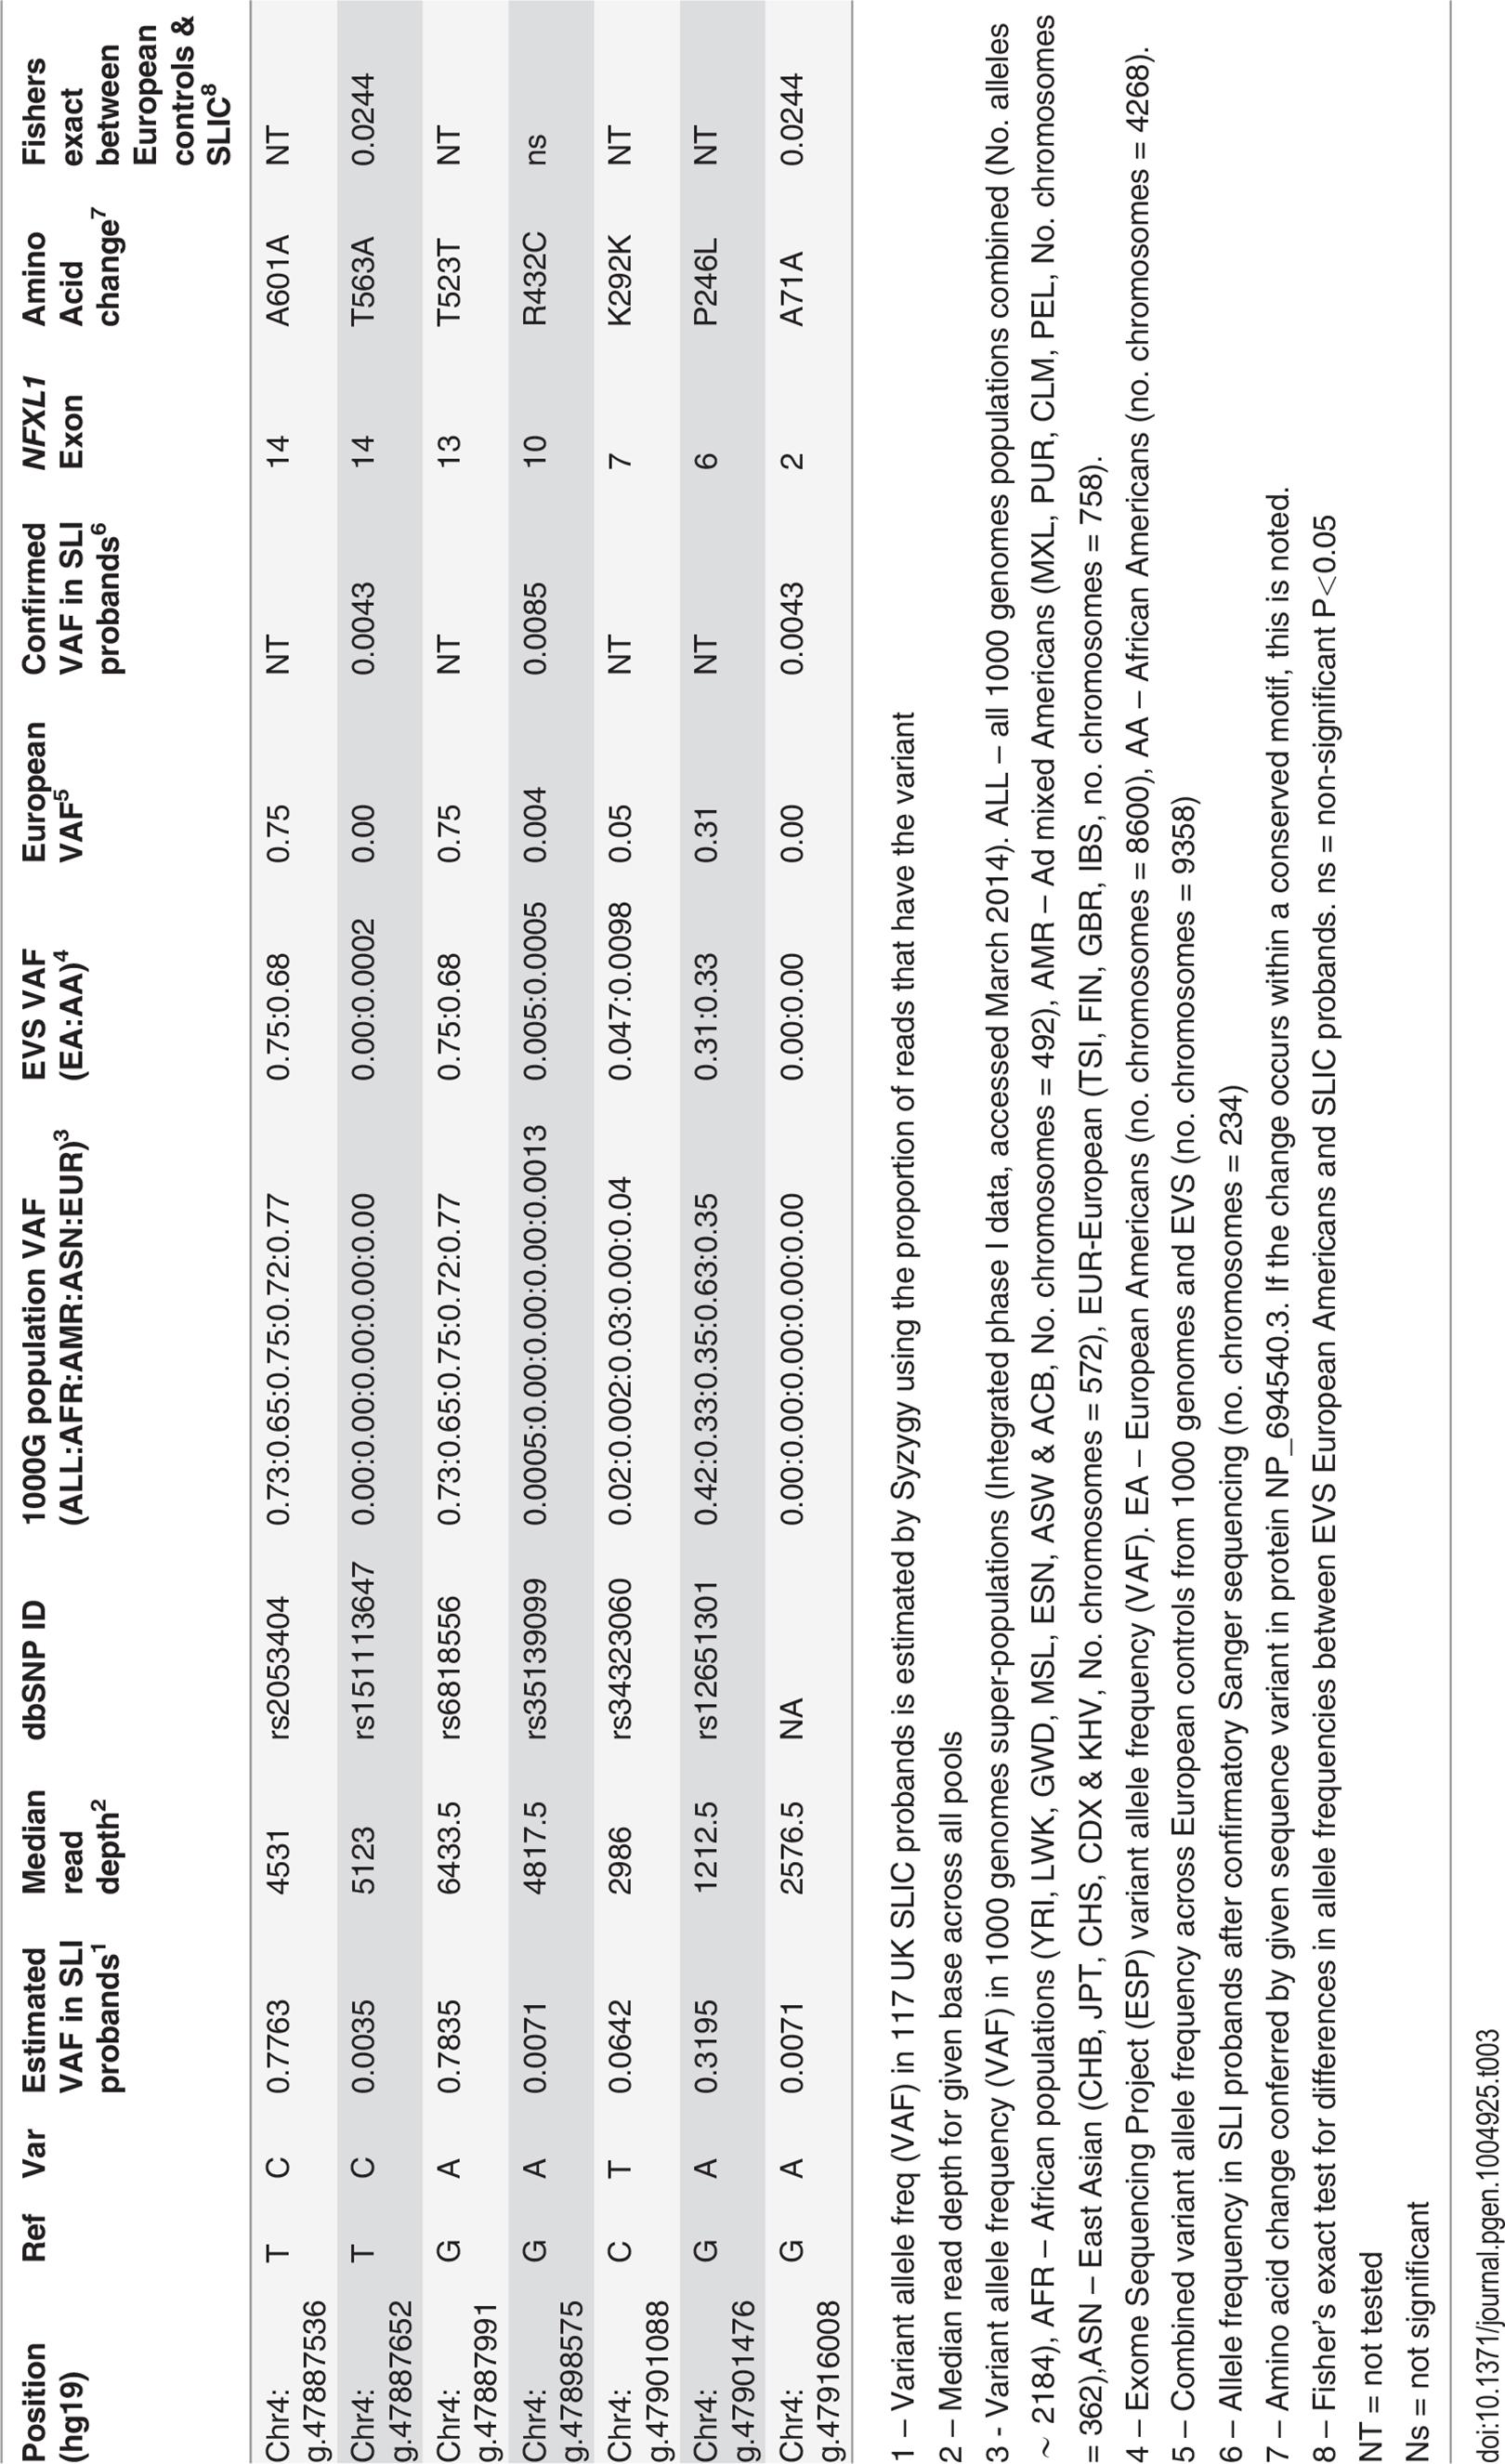 <i>NFXL1</i> coding variants observed in 117 UK (SLIC) probands affected by SLI.